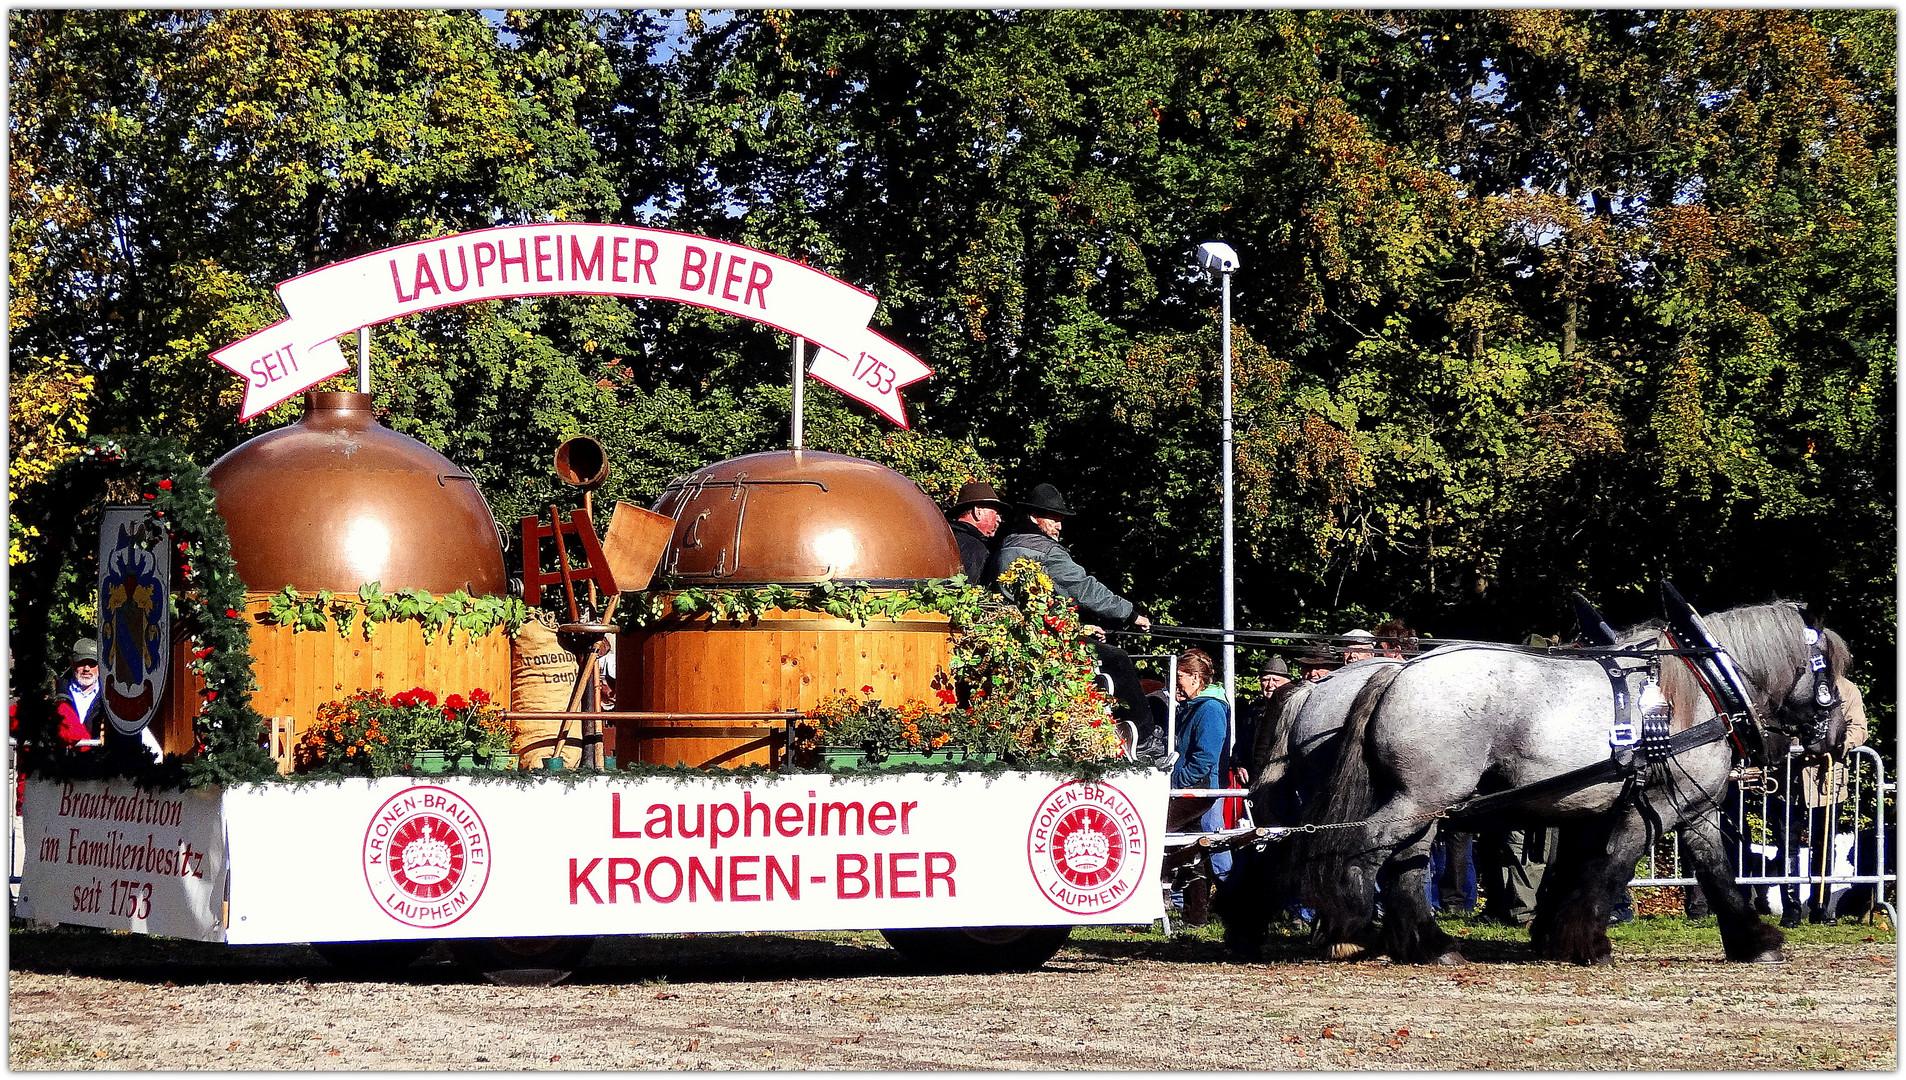 laupheimer kronen-bier beim kaltblutpferdemarkt